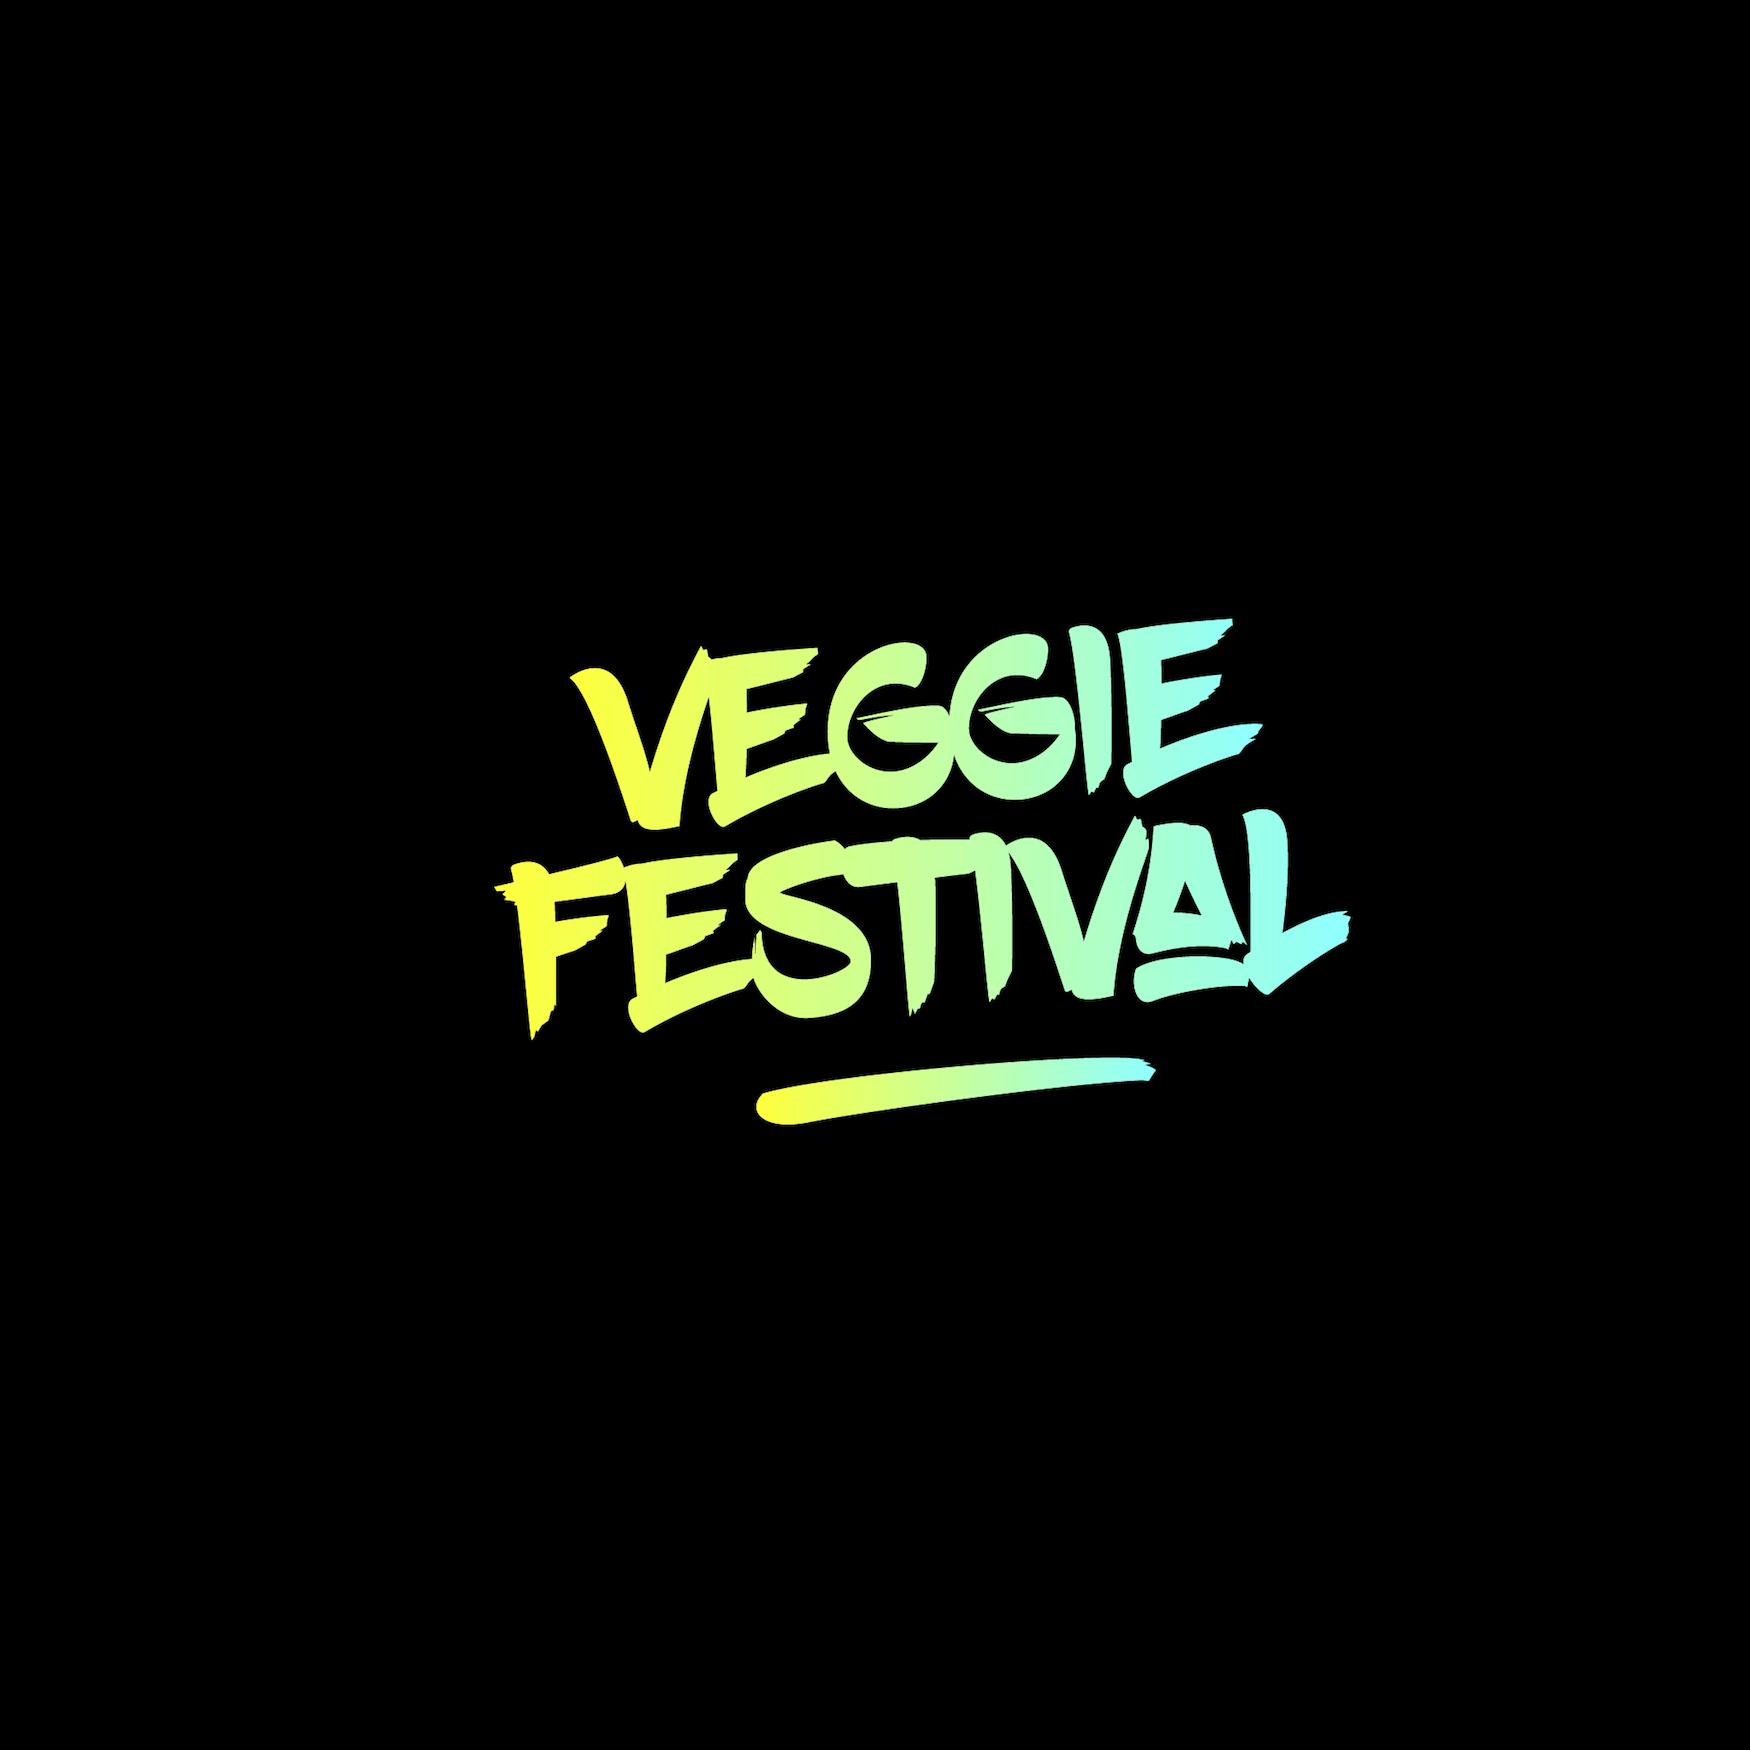 Veggie festival 2018